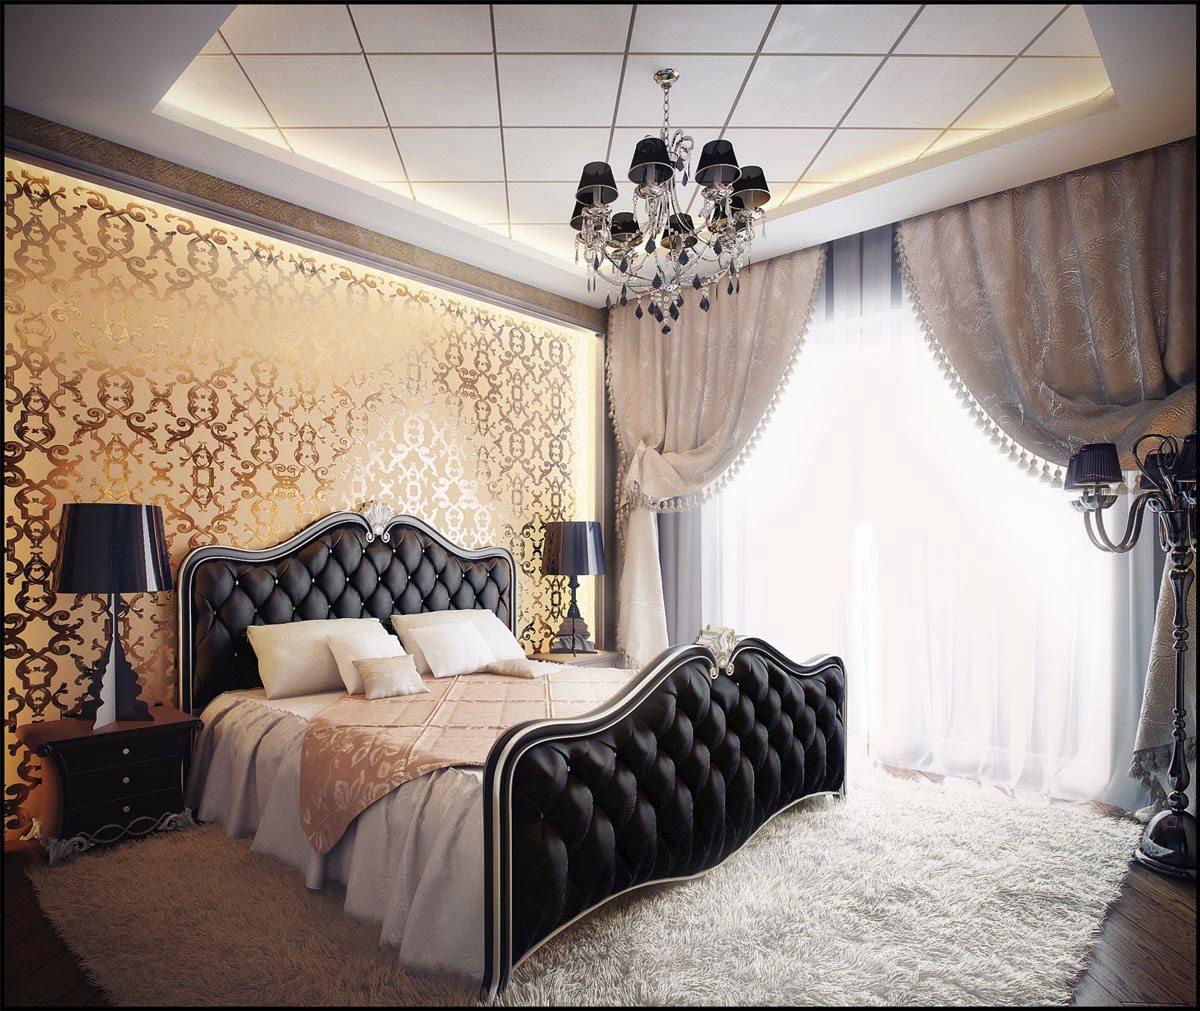 Золотая стена с замысловатым узором и подсветкой главная «изюминка» этой спальни